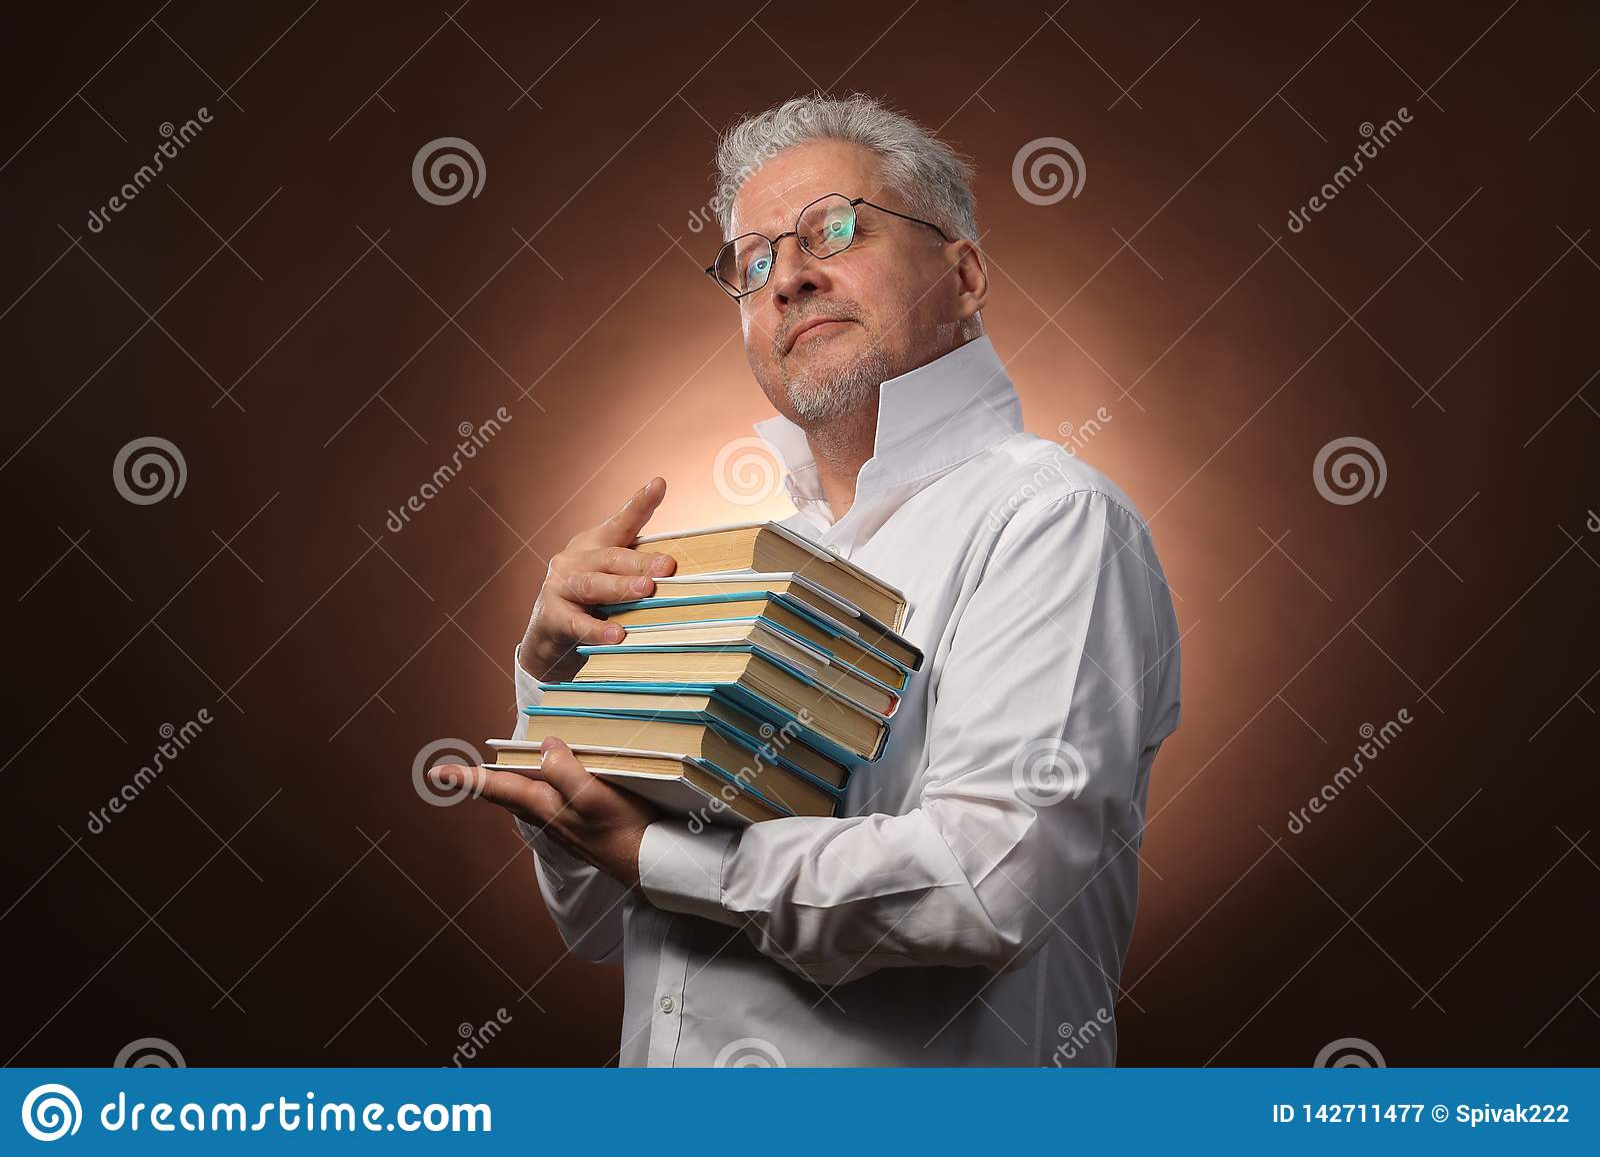 Wissenschaftlicher Denker, Philosophie, älterer grauhaariger Mann in einem weißen Hemd mit Bücher, mit Studiolicht